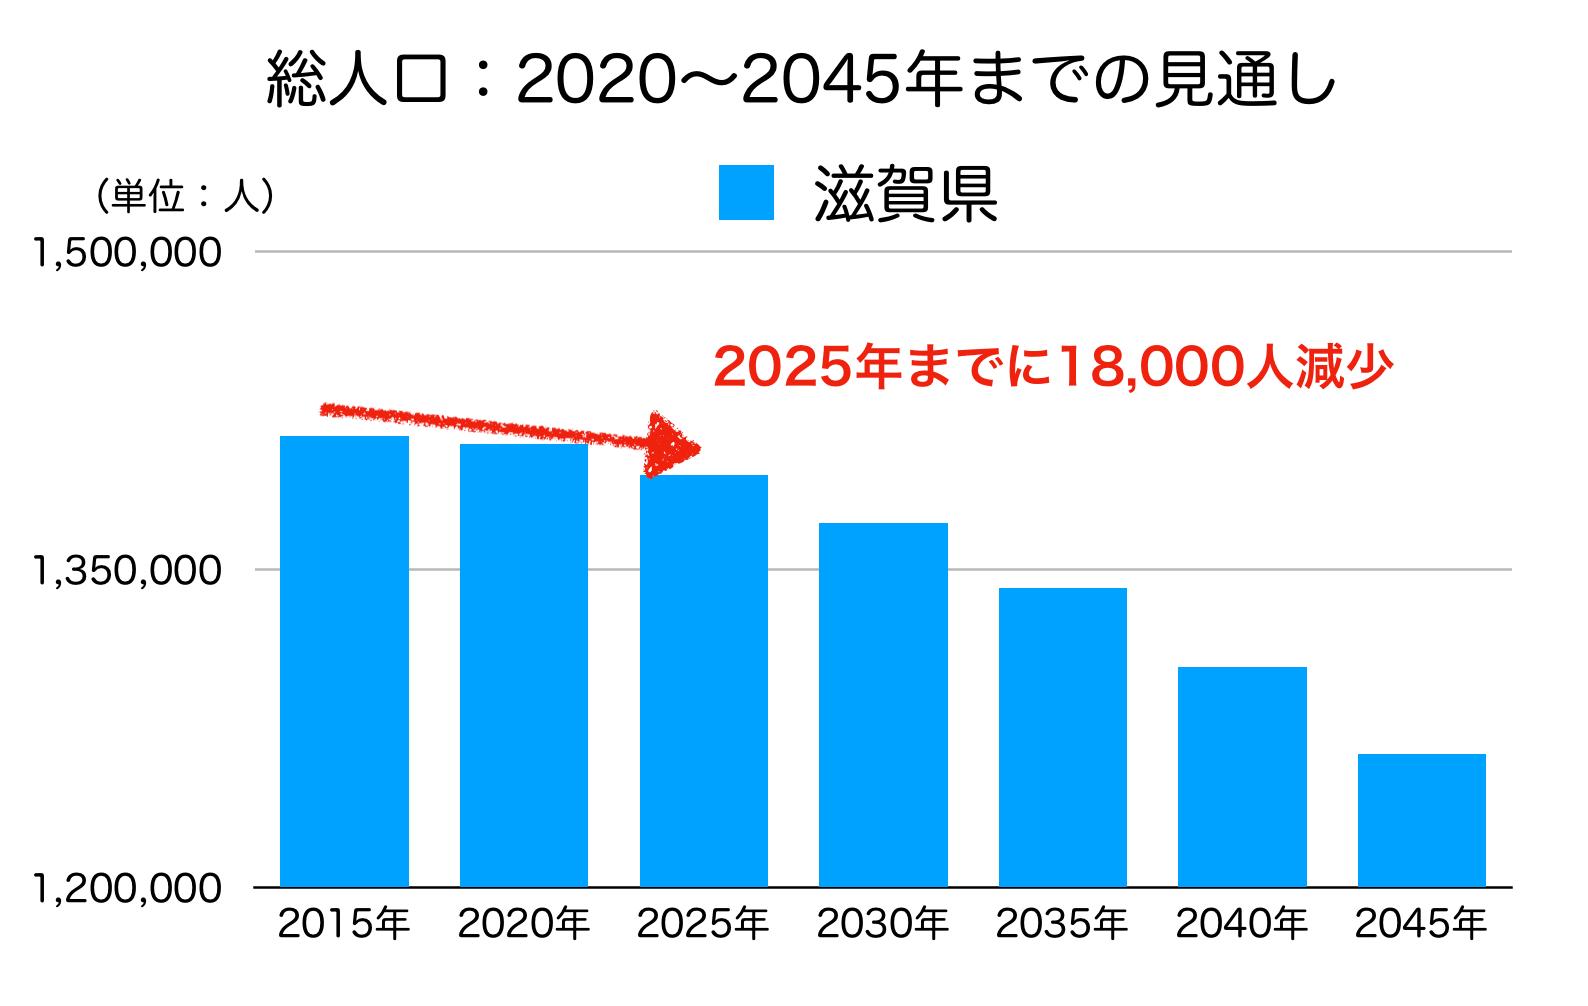 滋賀県の人口予測